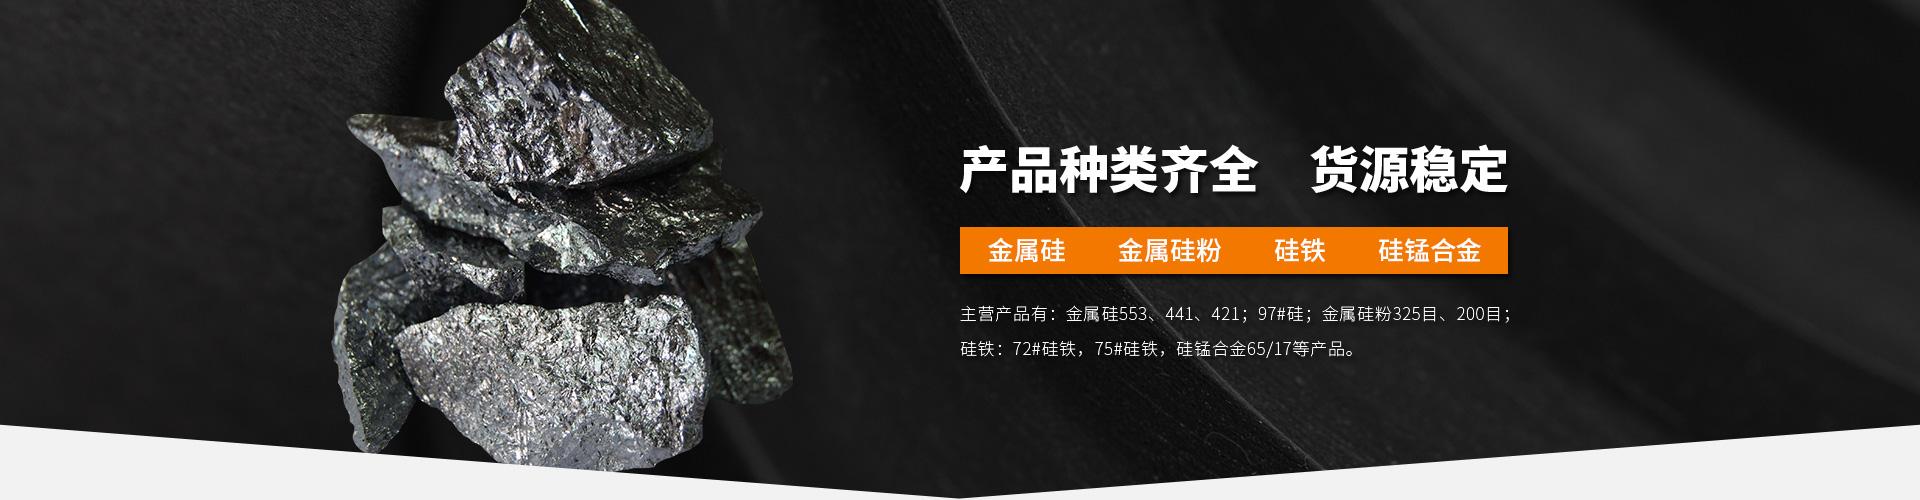 安阳坤鑫达冶金耐材有限公司